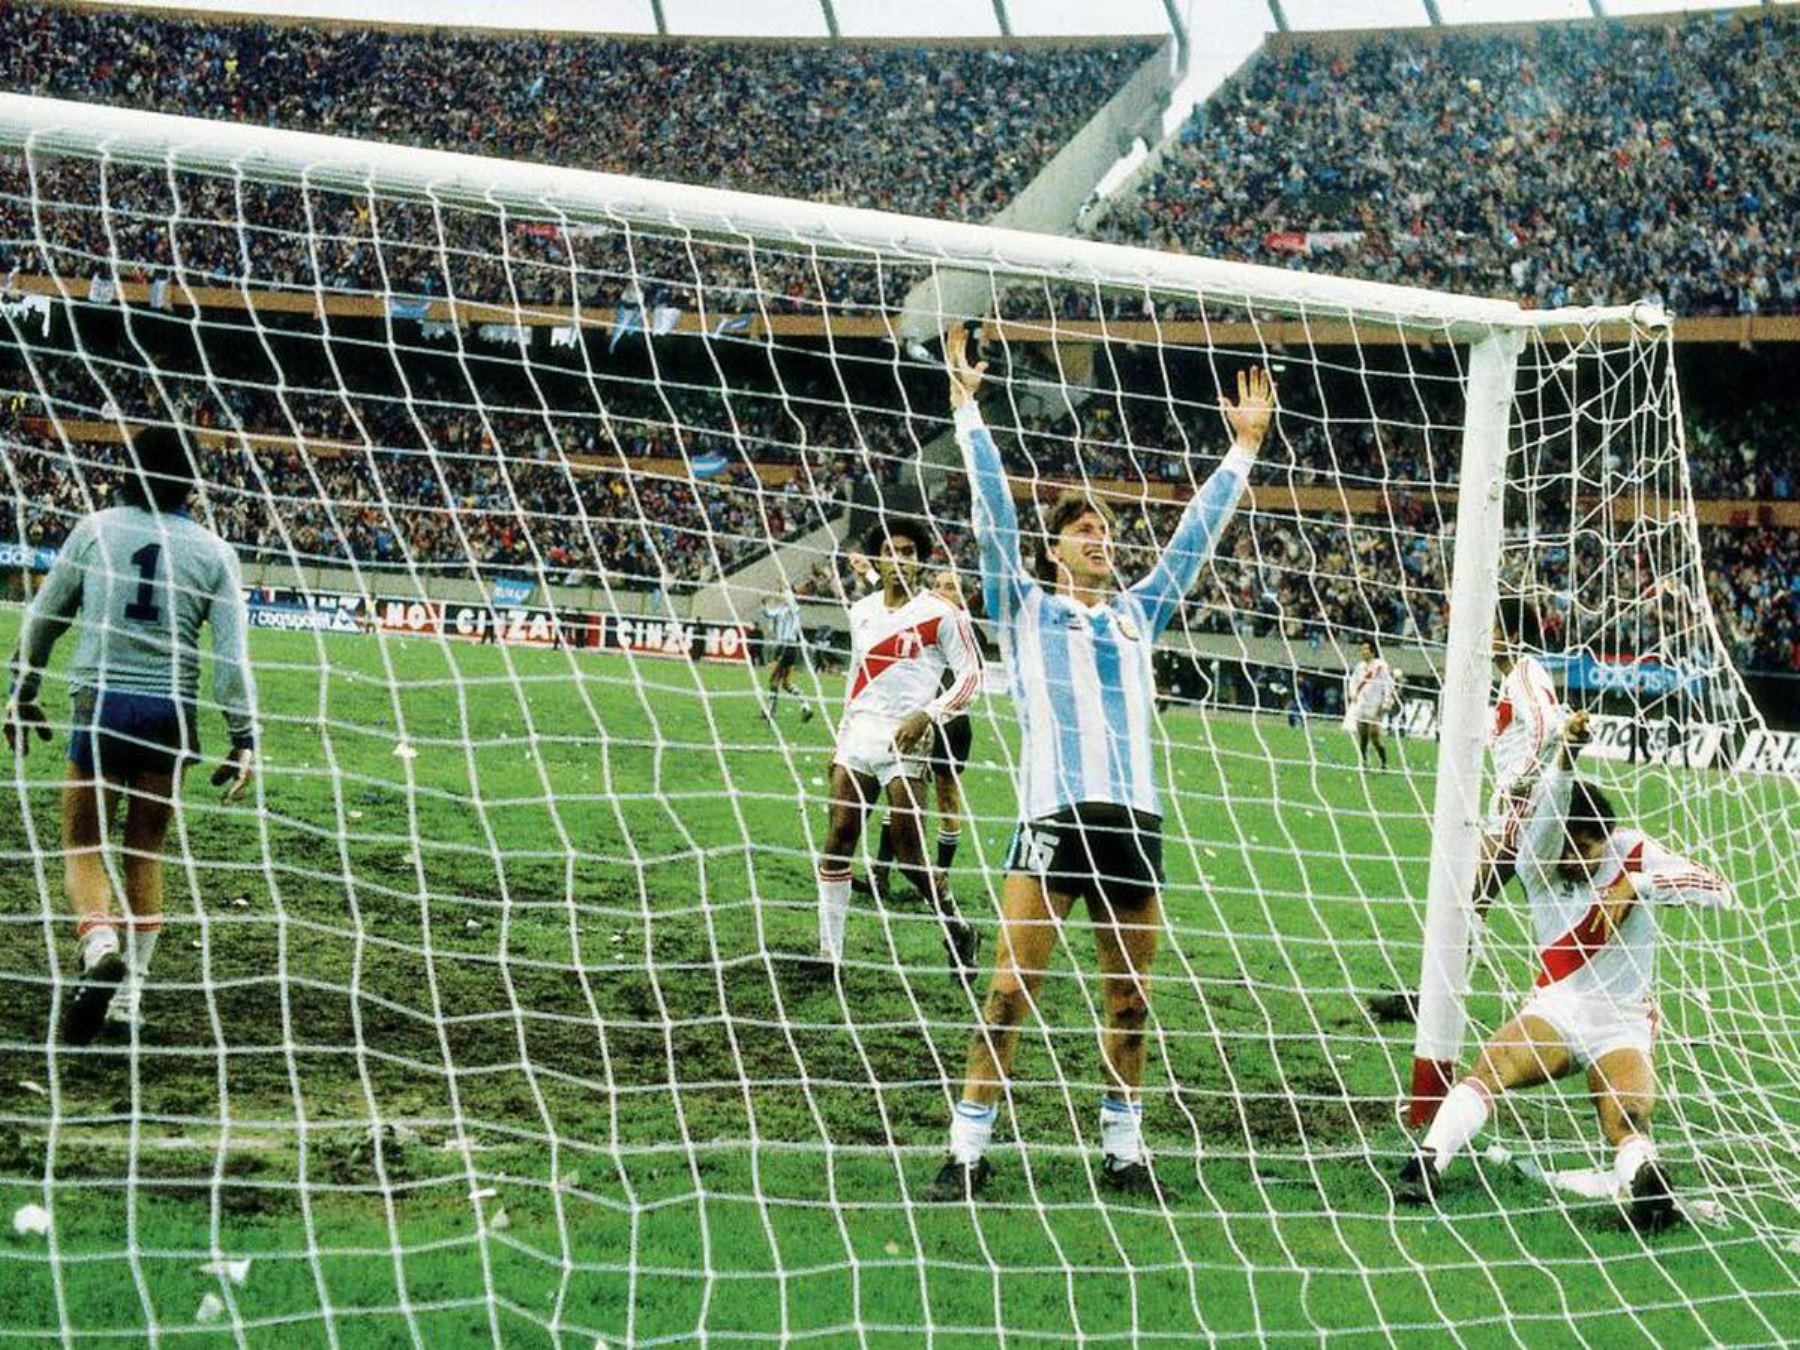 Gol frente a Perú con el que logro la clasificación de Argentina al mundial de México 86. A pesar de eso no fue seleccionado para jugar en el mundial. Foto: El GRAFICO